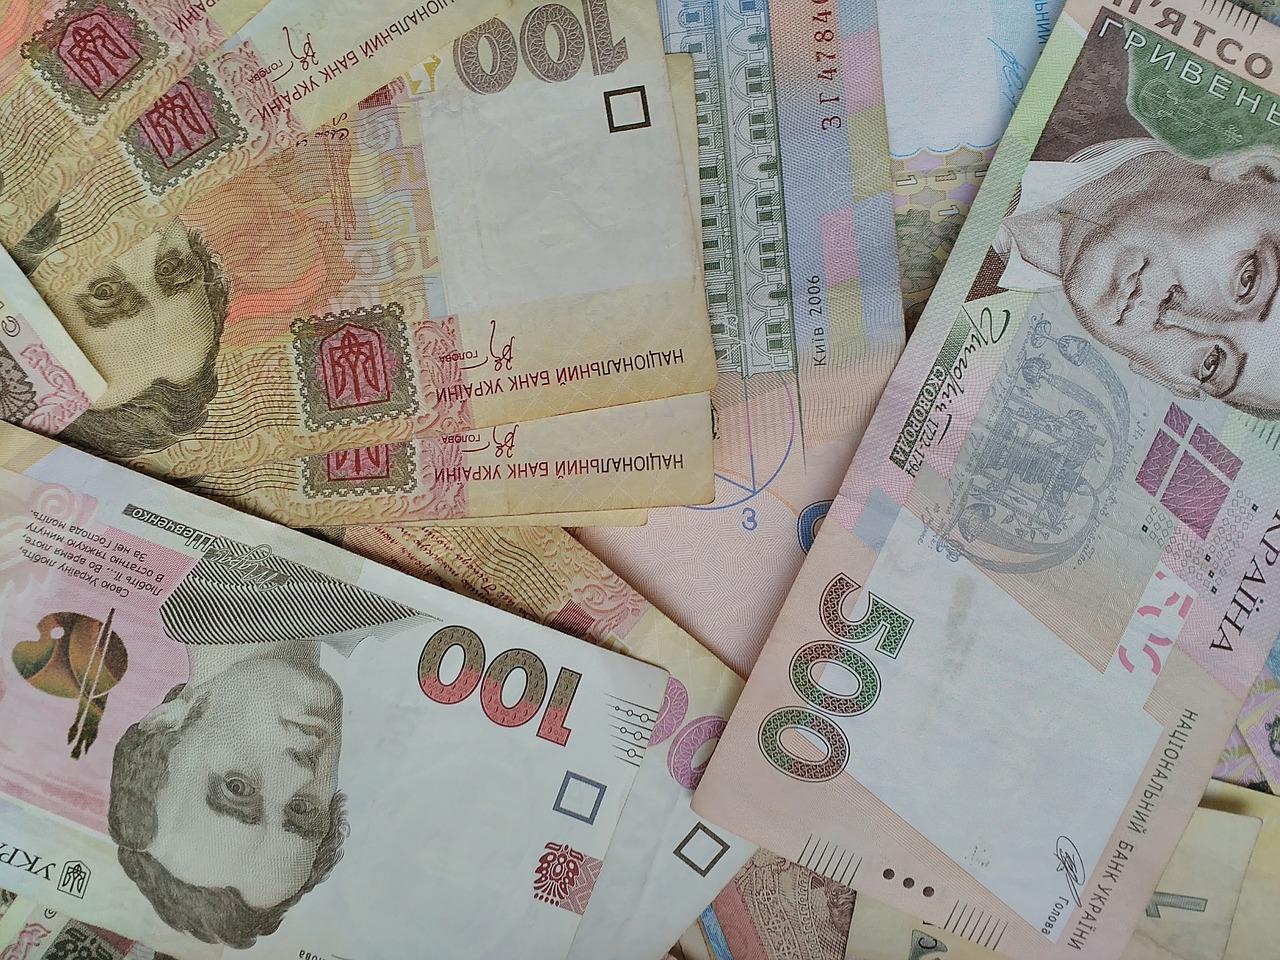 ДП «Укрхімтрансаміак» сплатило 1,4 млрд гривень податків